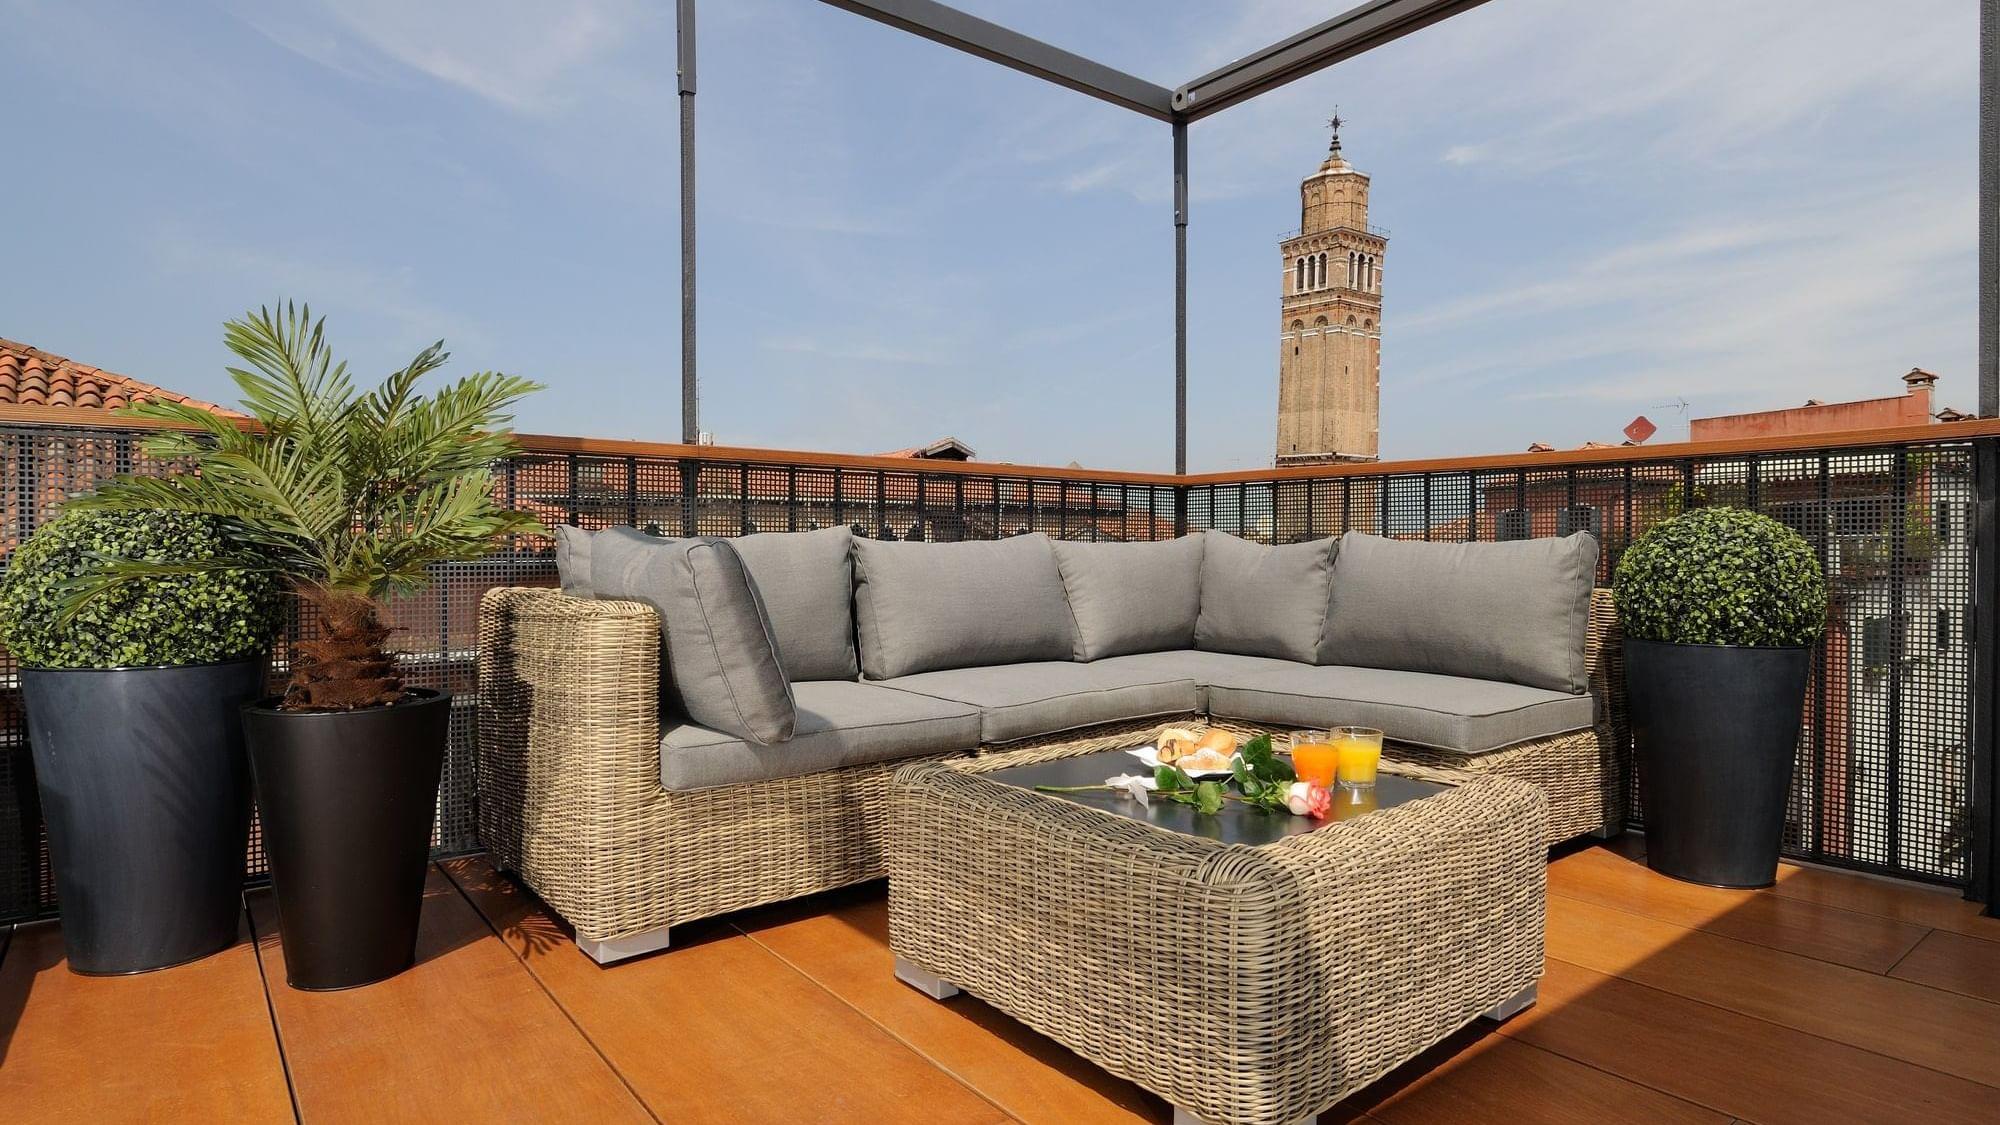 Hotel a Venezia - UNAHOTELS Ala Venezia con terrazza